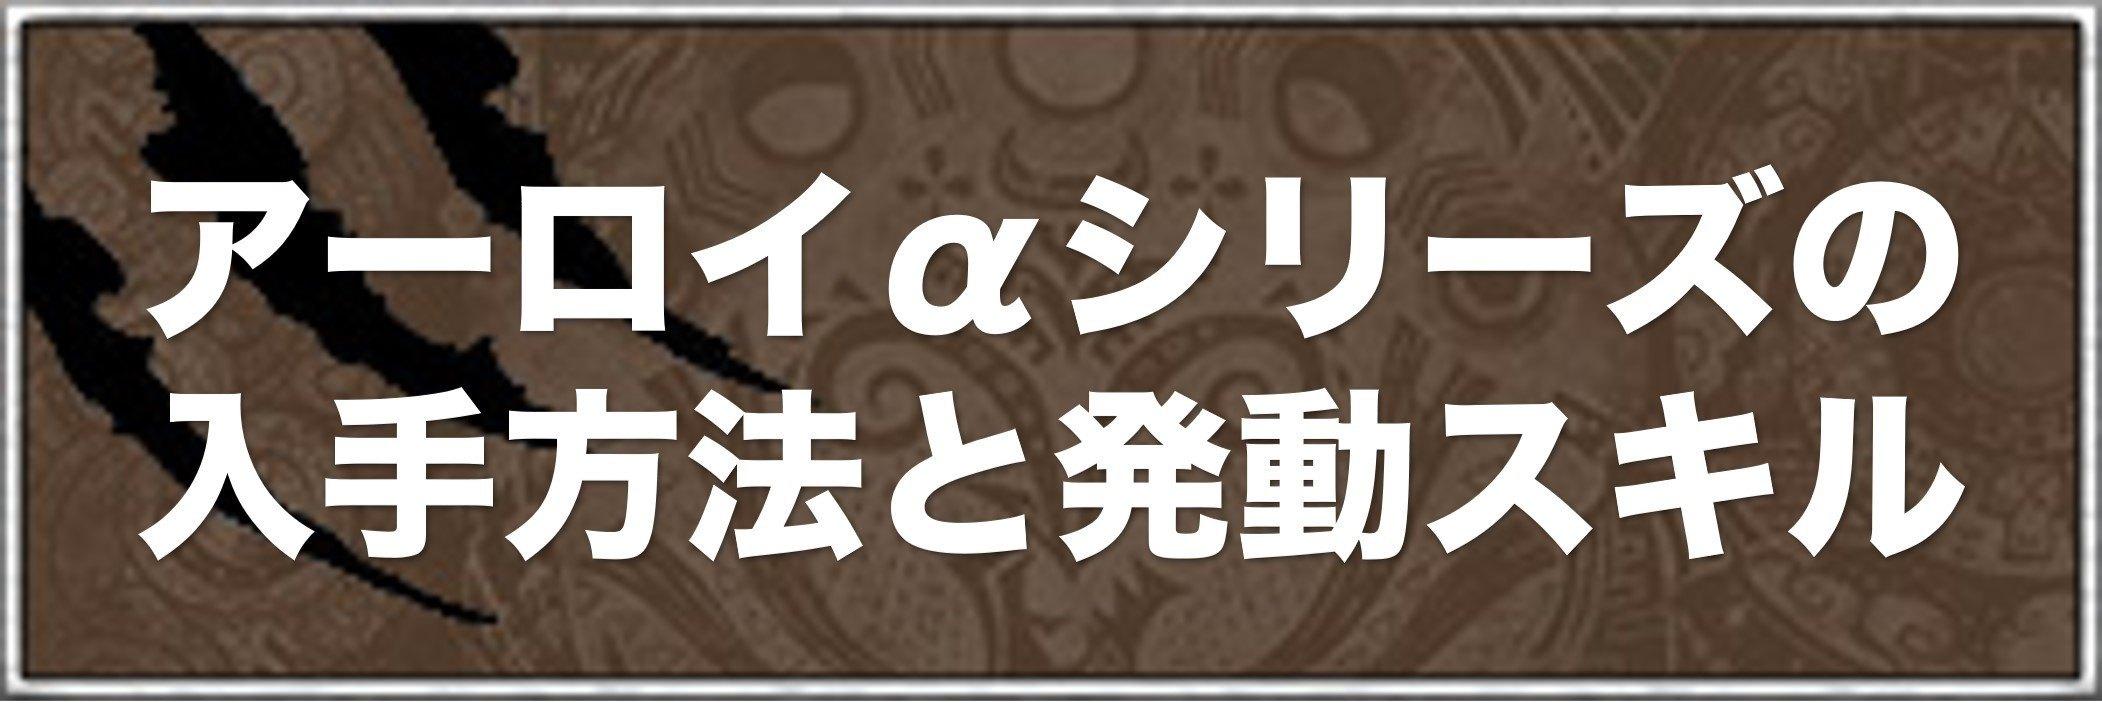 アーロイαシリーズの入手方法と発動スキル【ホライゾンゼロドーンコラボ】